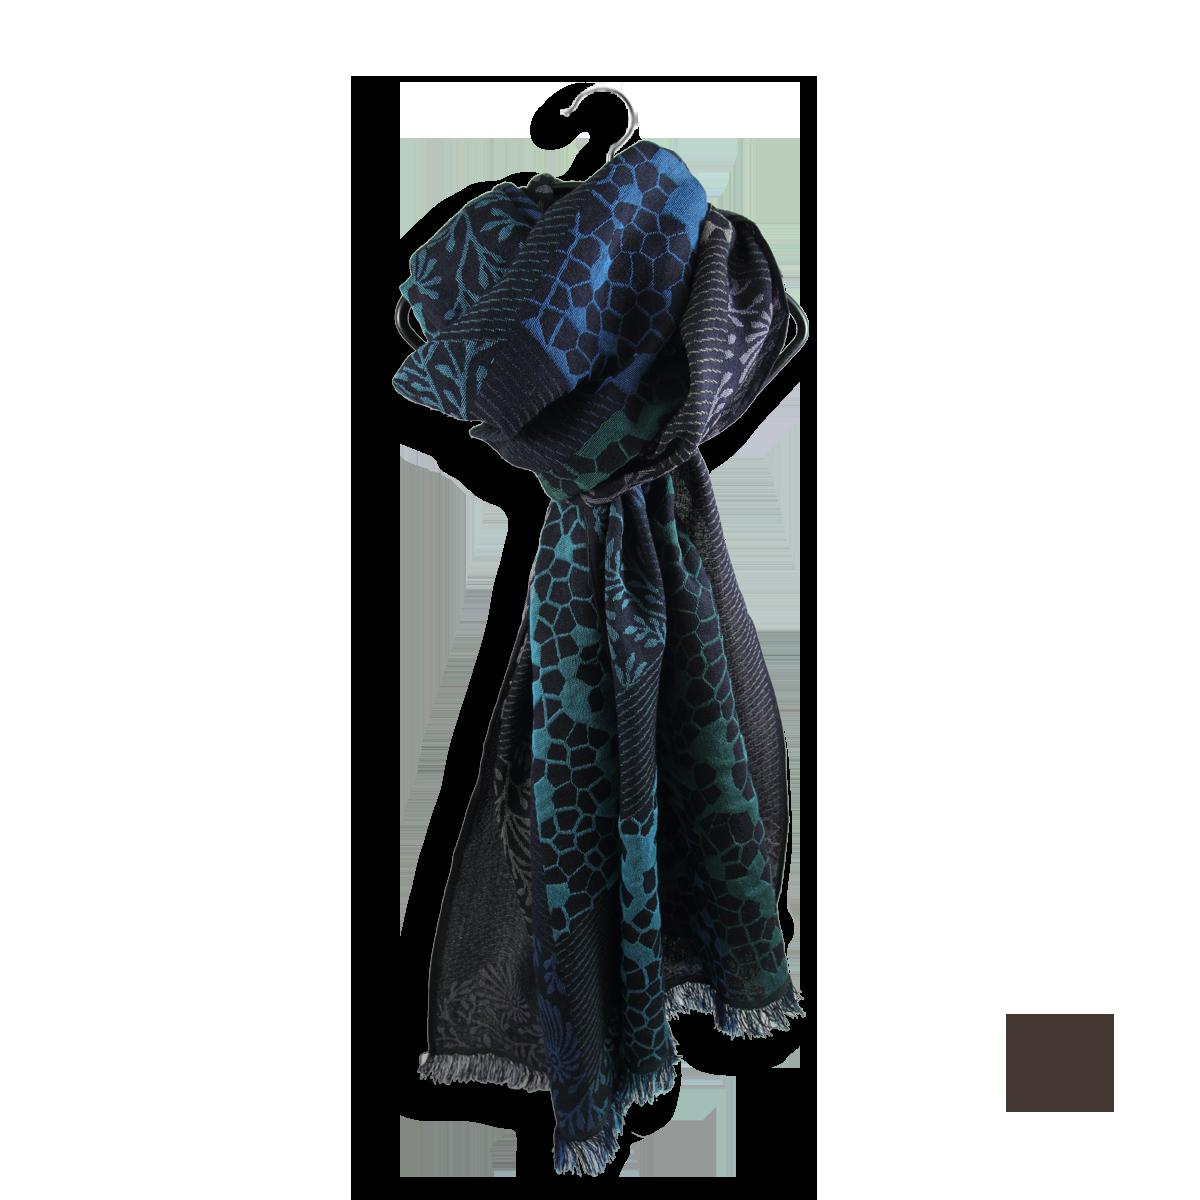 Echarpe Femme Bleu Marine et Turquoise en Laine Coton Soie - Très ... 0e801e46eb1